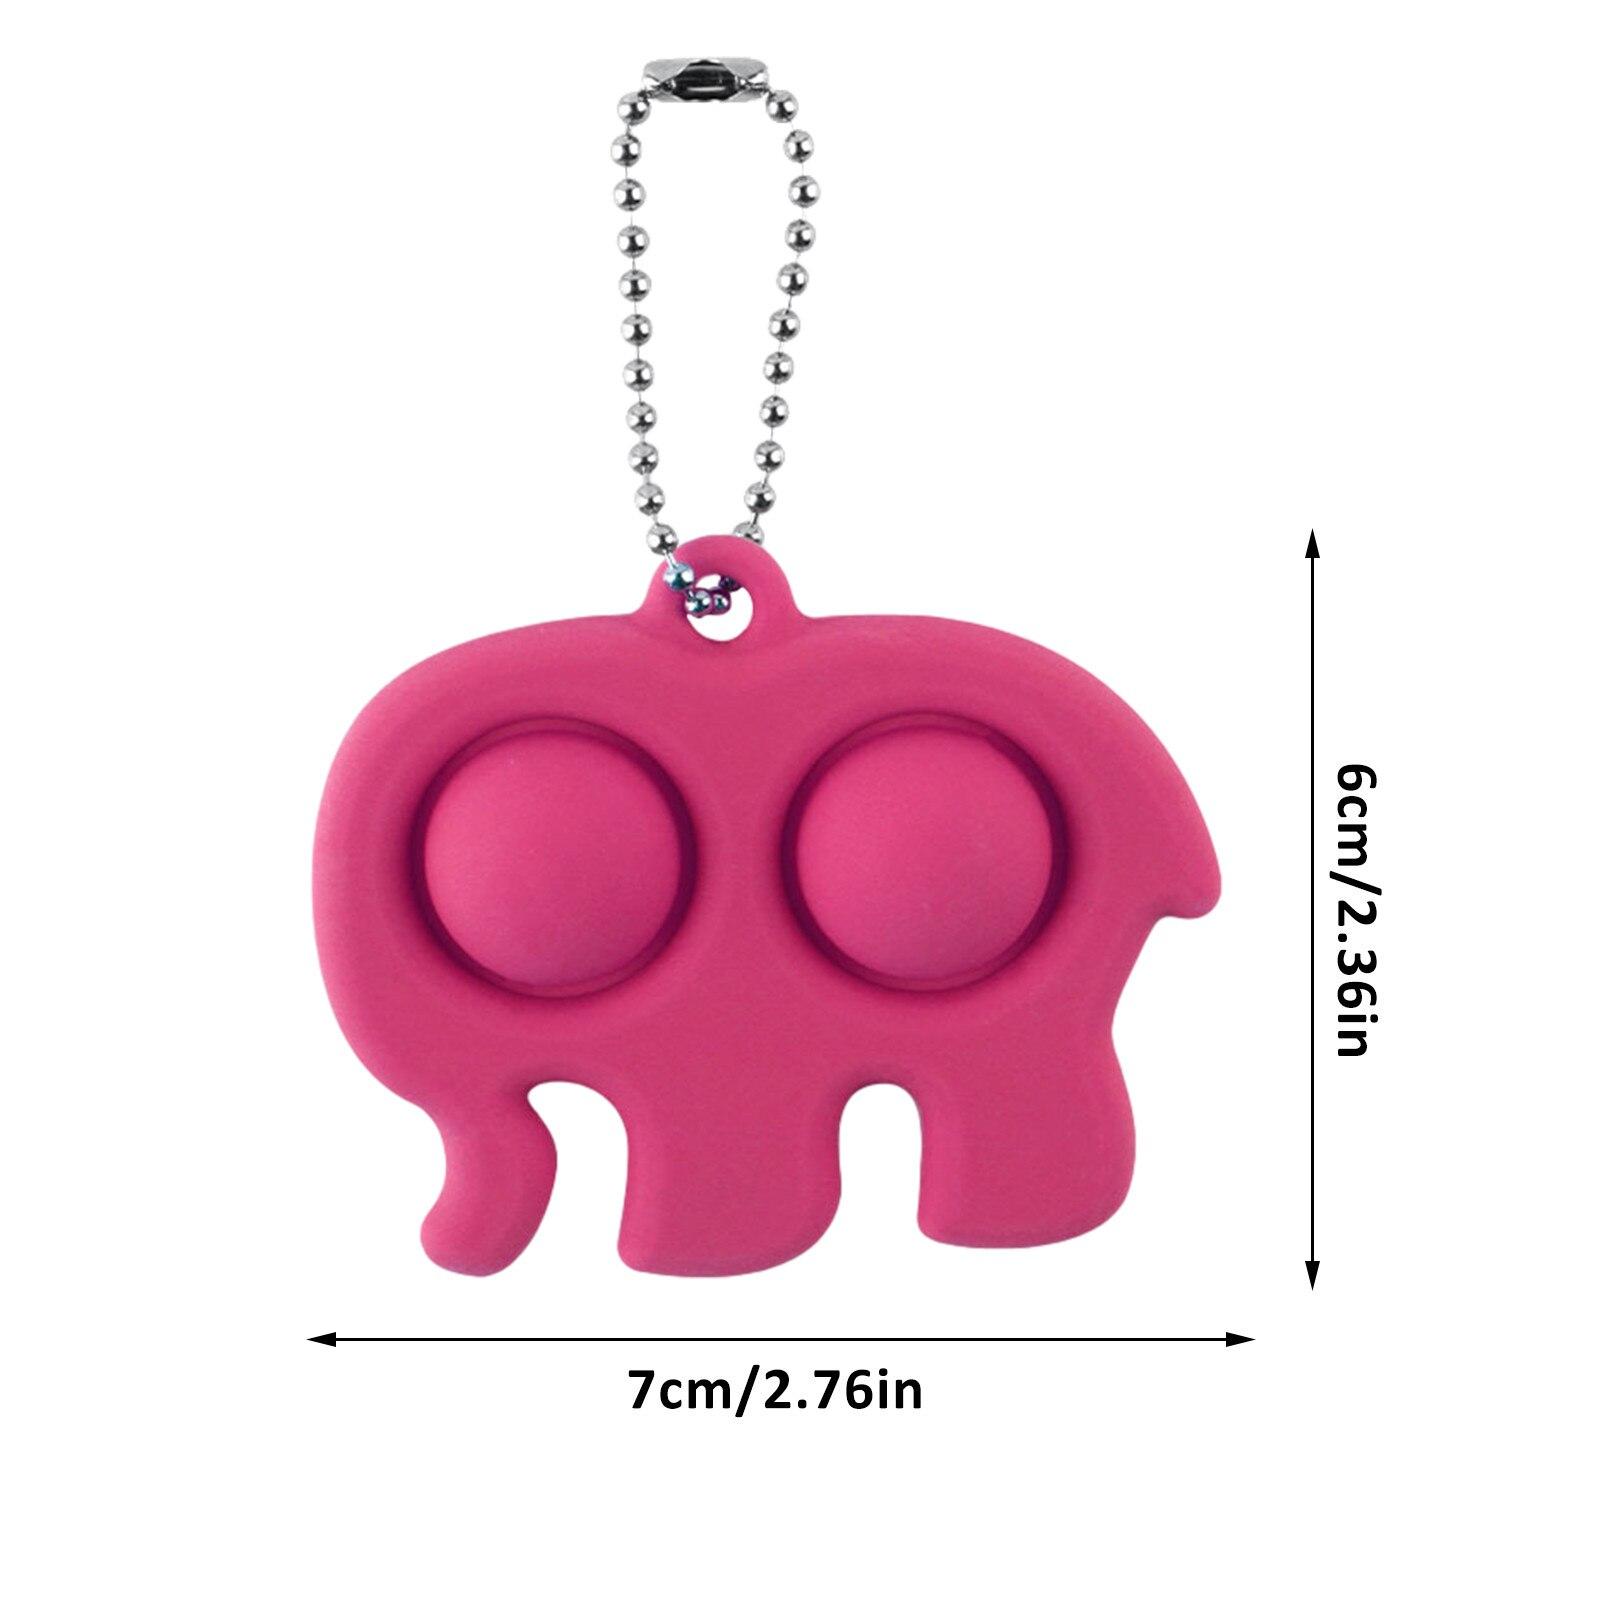 pop it elephant keychain fidget toy 6367 - Wacky Track